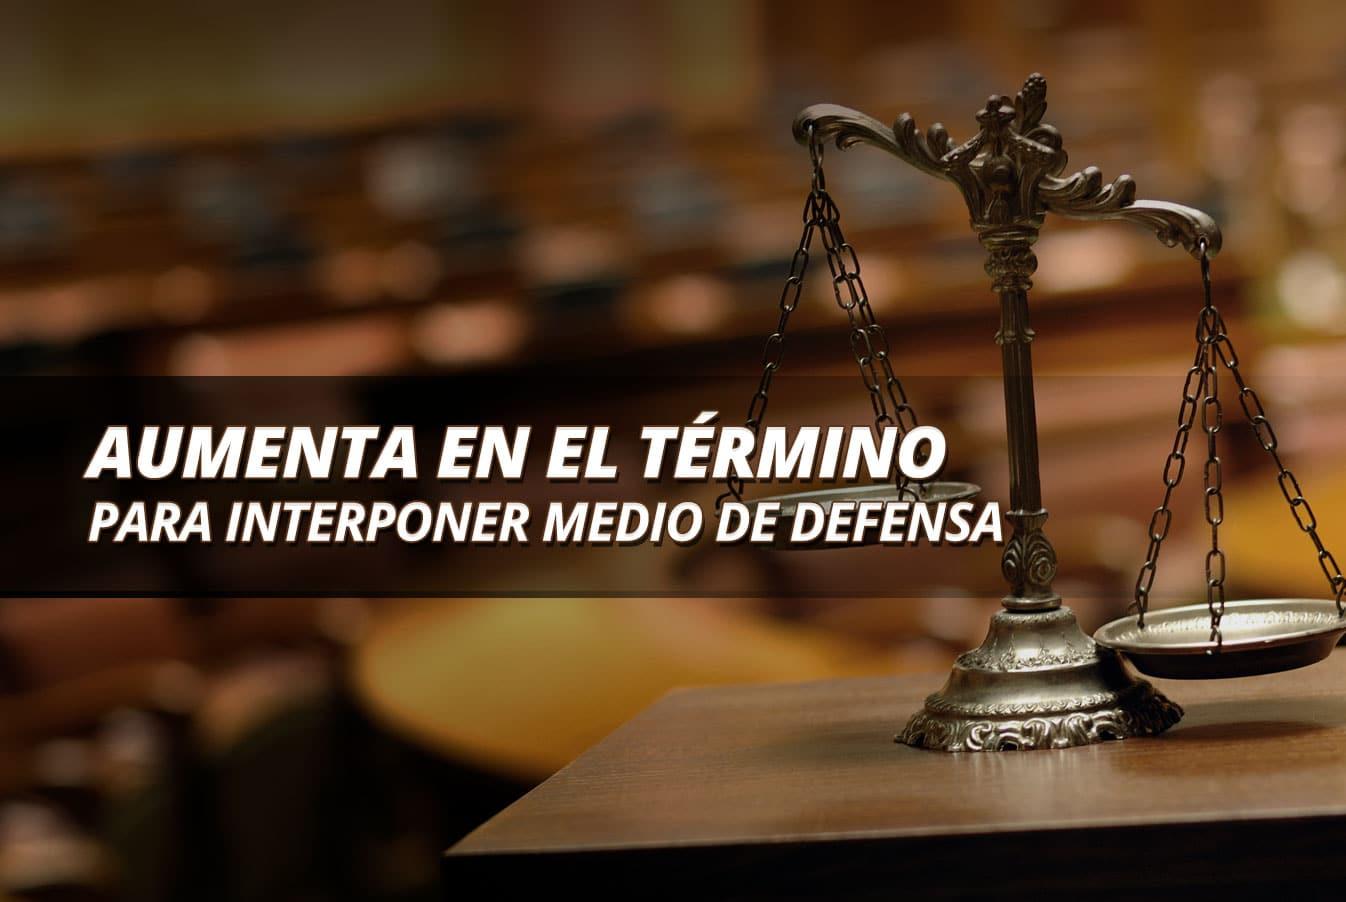 El art. 23 de (LFDC), señala que en la notificación por parte de la autoridad, deben indicar el recurso o medio de defensa procedente